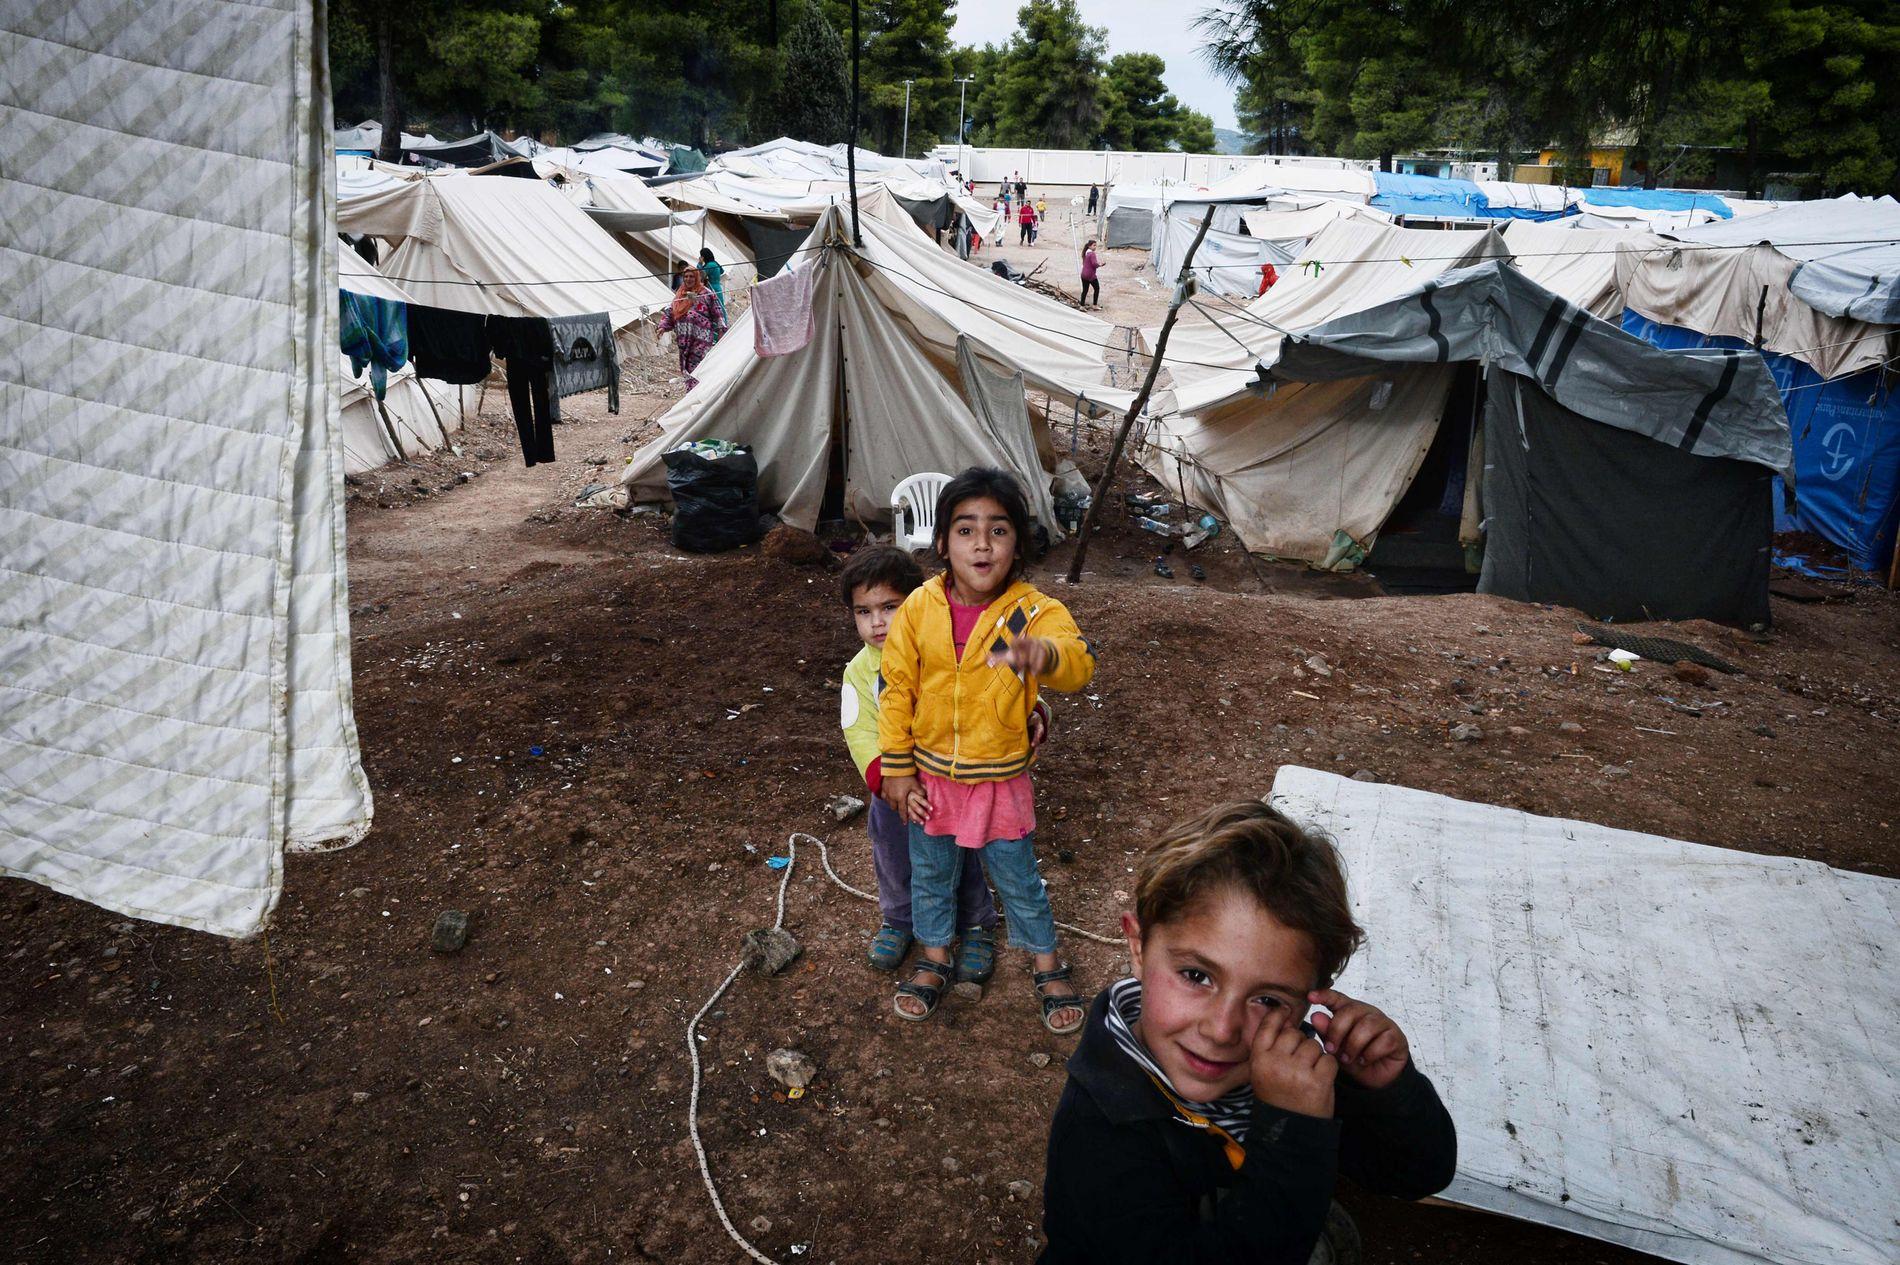 KRISE: – Så langt har bare 20 asylsøkere fra Italia hentet til Norge, ingen fra Hellas. Hvor lenge kan vi fortsette å skyve ansvaret over på Hellas, Italia, Tyrkia og Libanon, spør kronikkforfatteren.